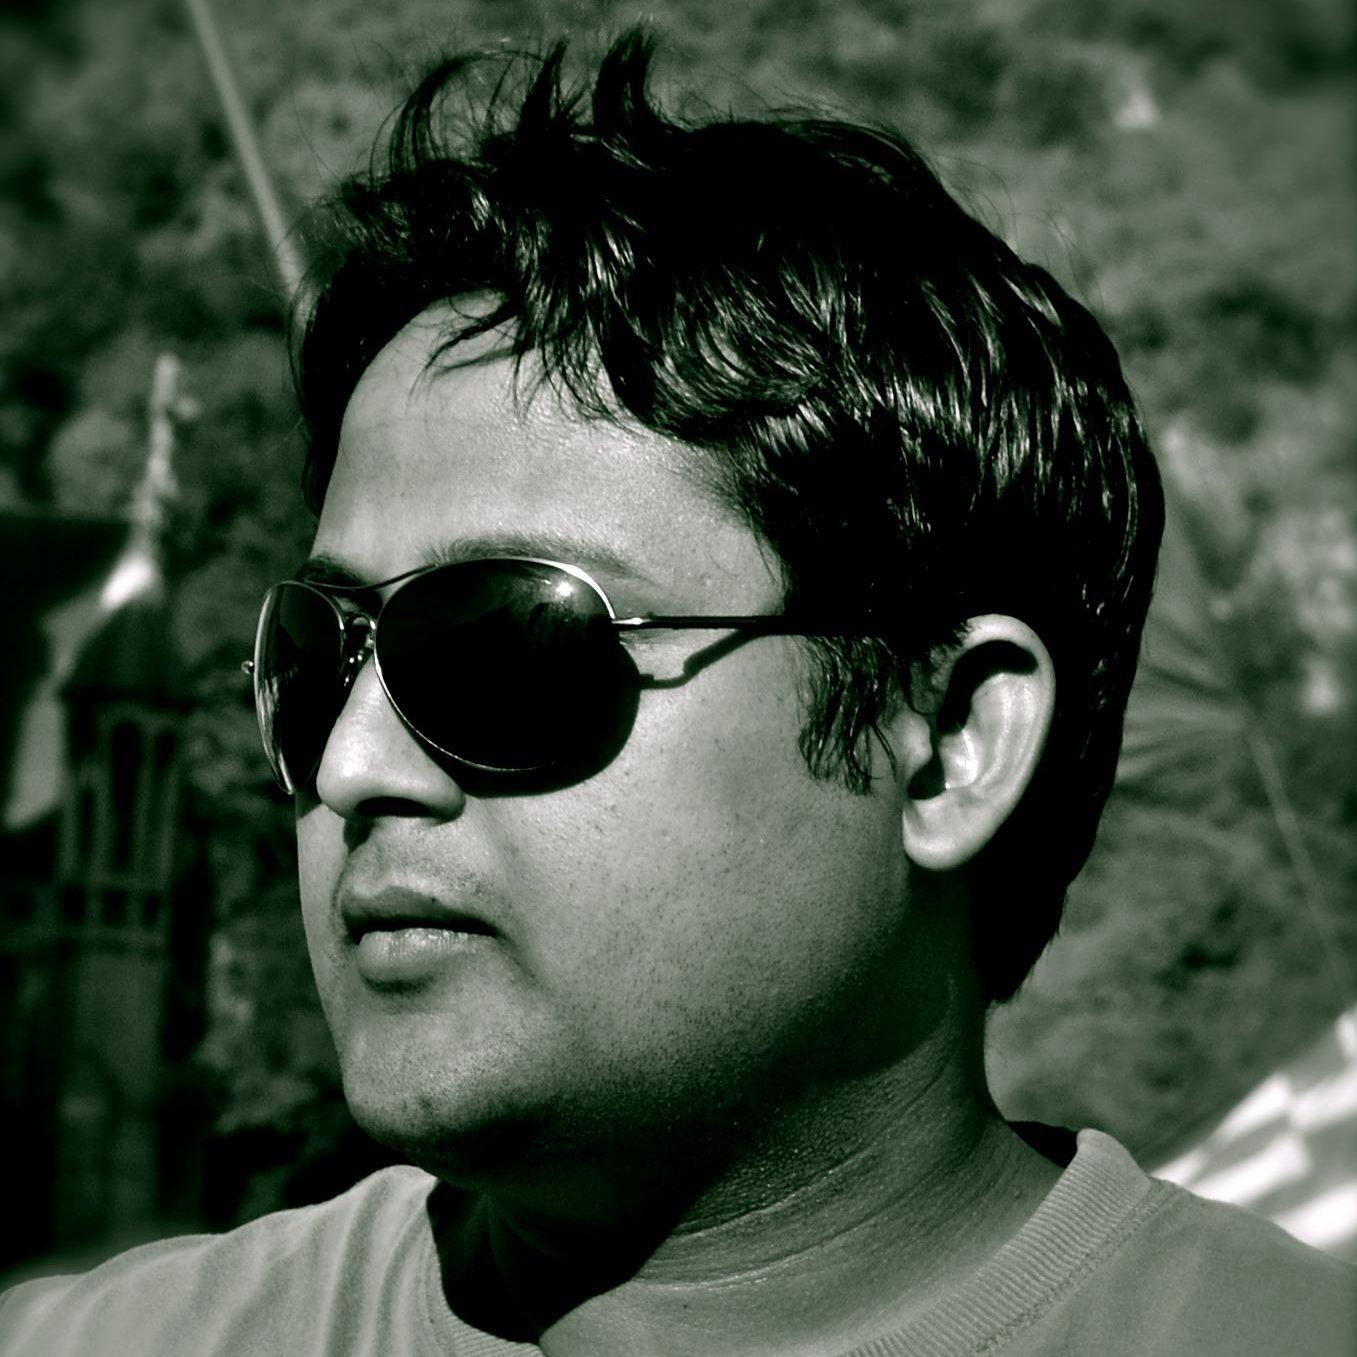 Dwaipayan Nath